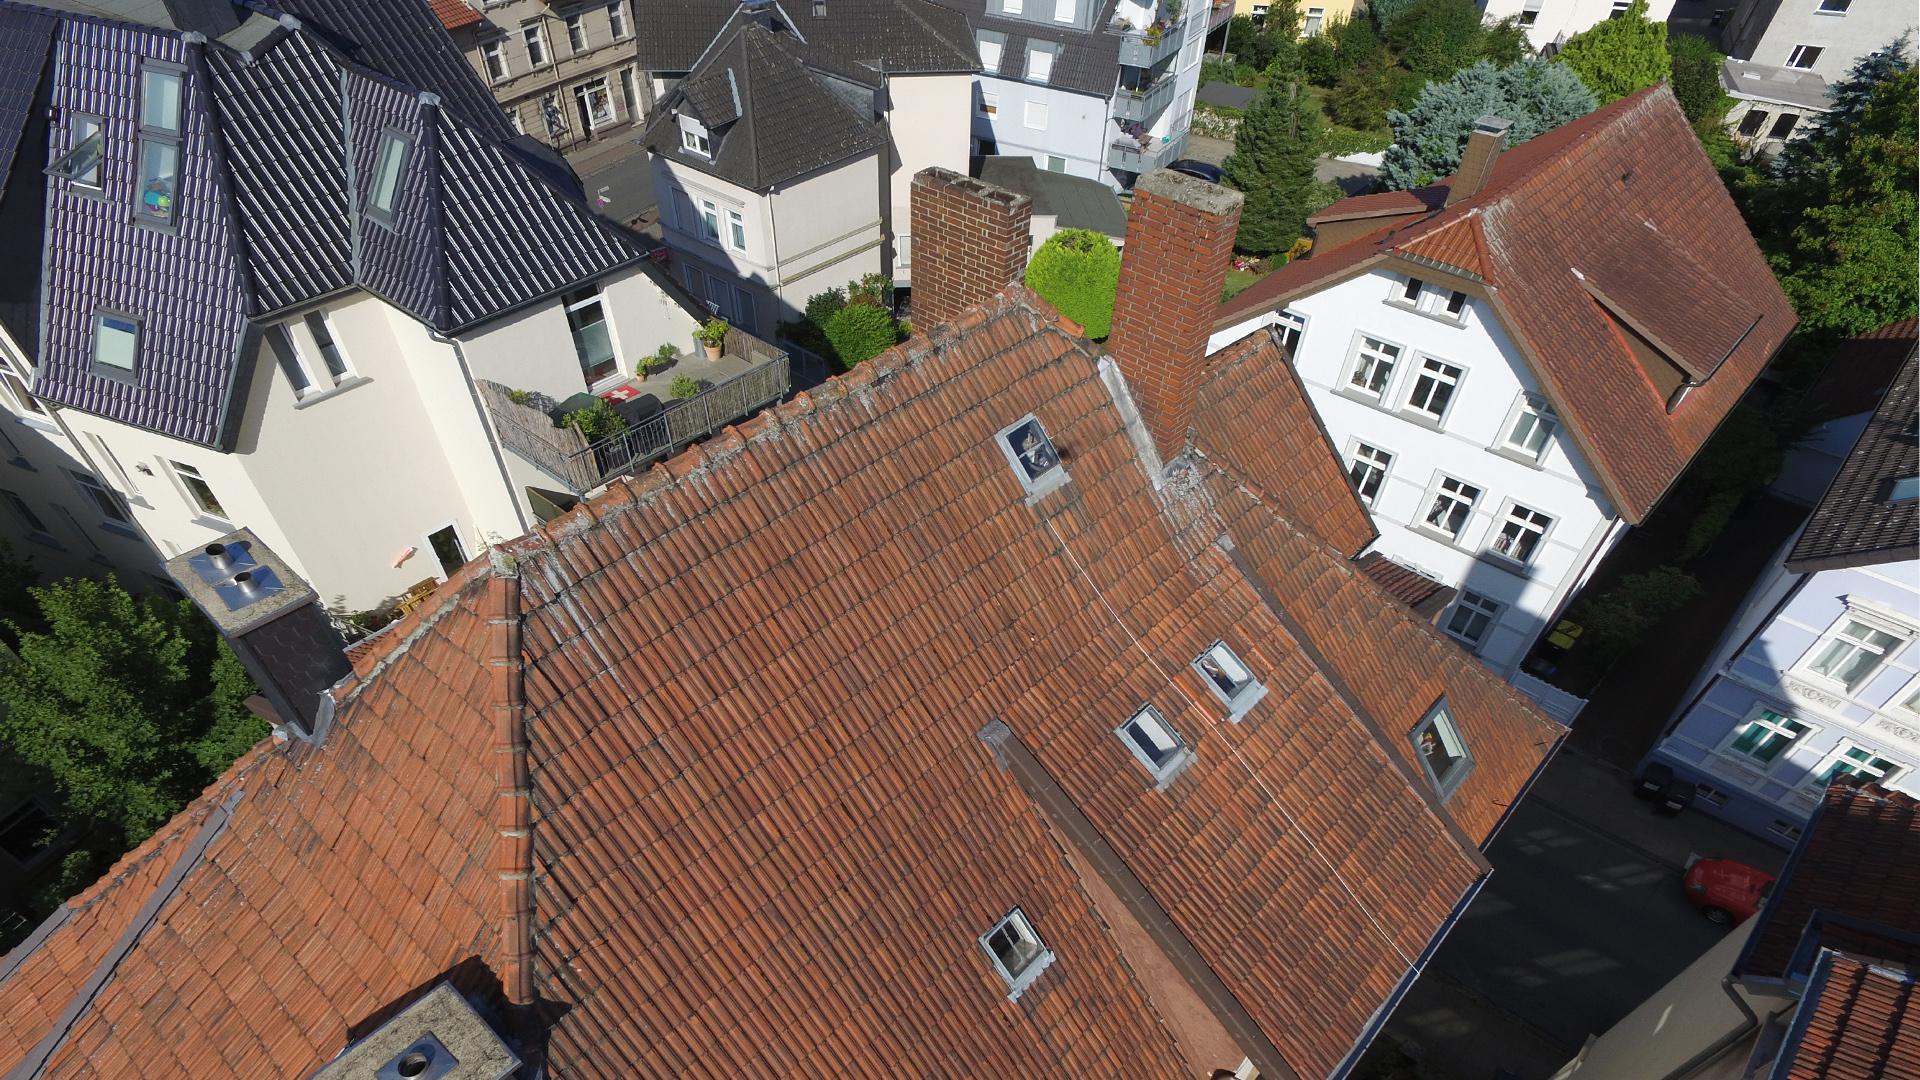 Inspektionsflug eines Daches in Bielefeld